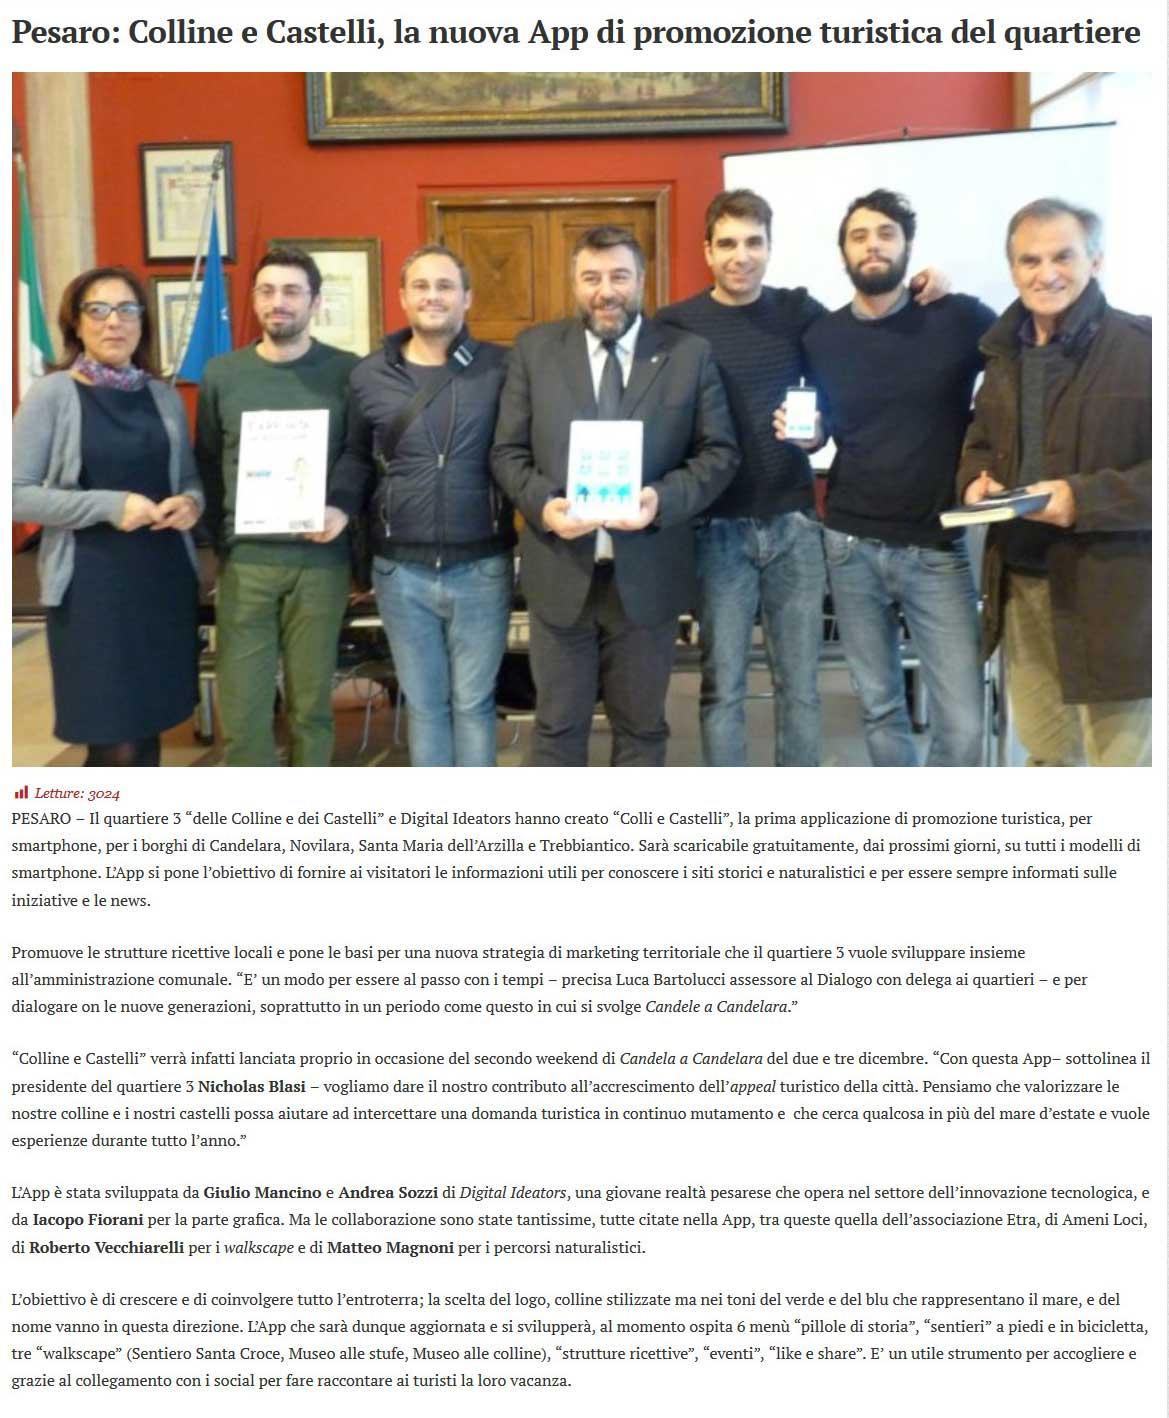 20171201-1-Dicembre-2017-App-Colline-e-Castelli.jpg